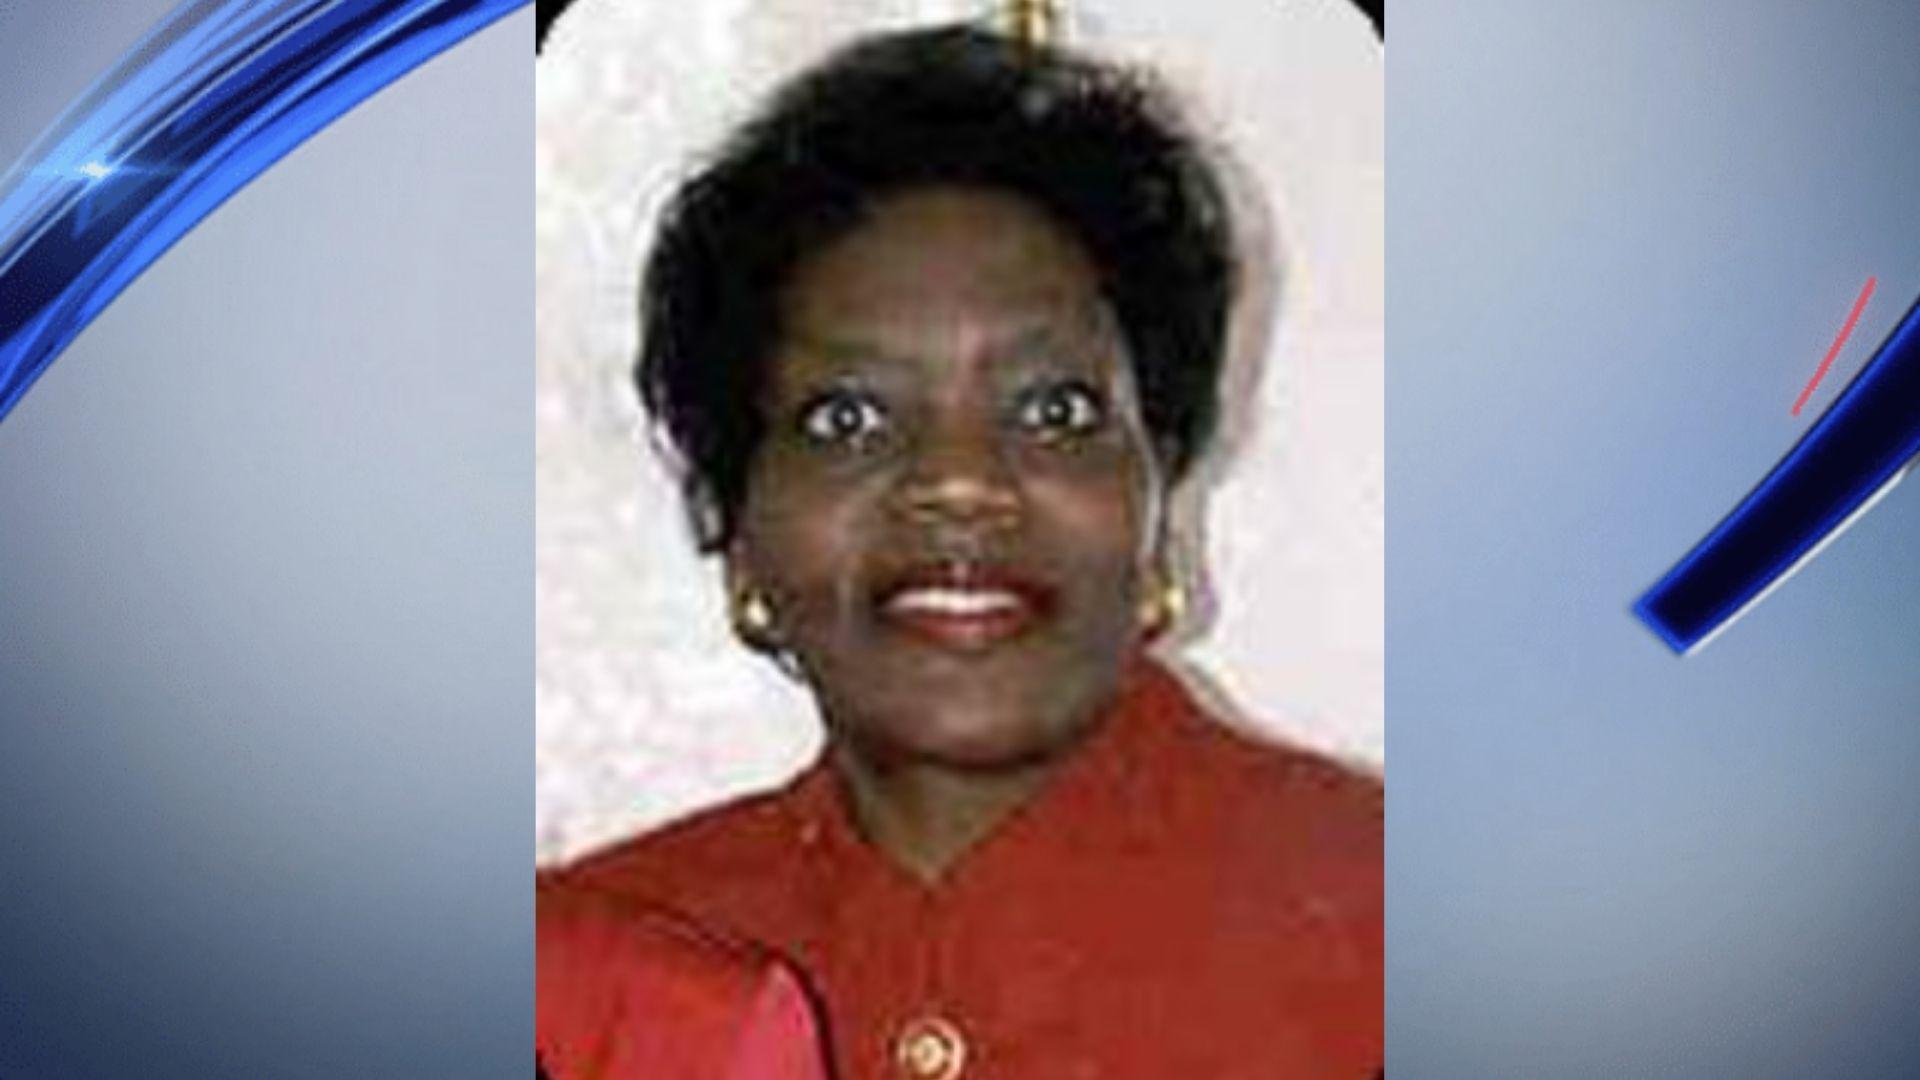 Dorothy Morgan 9/11 victim